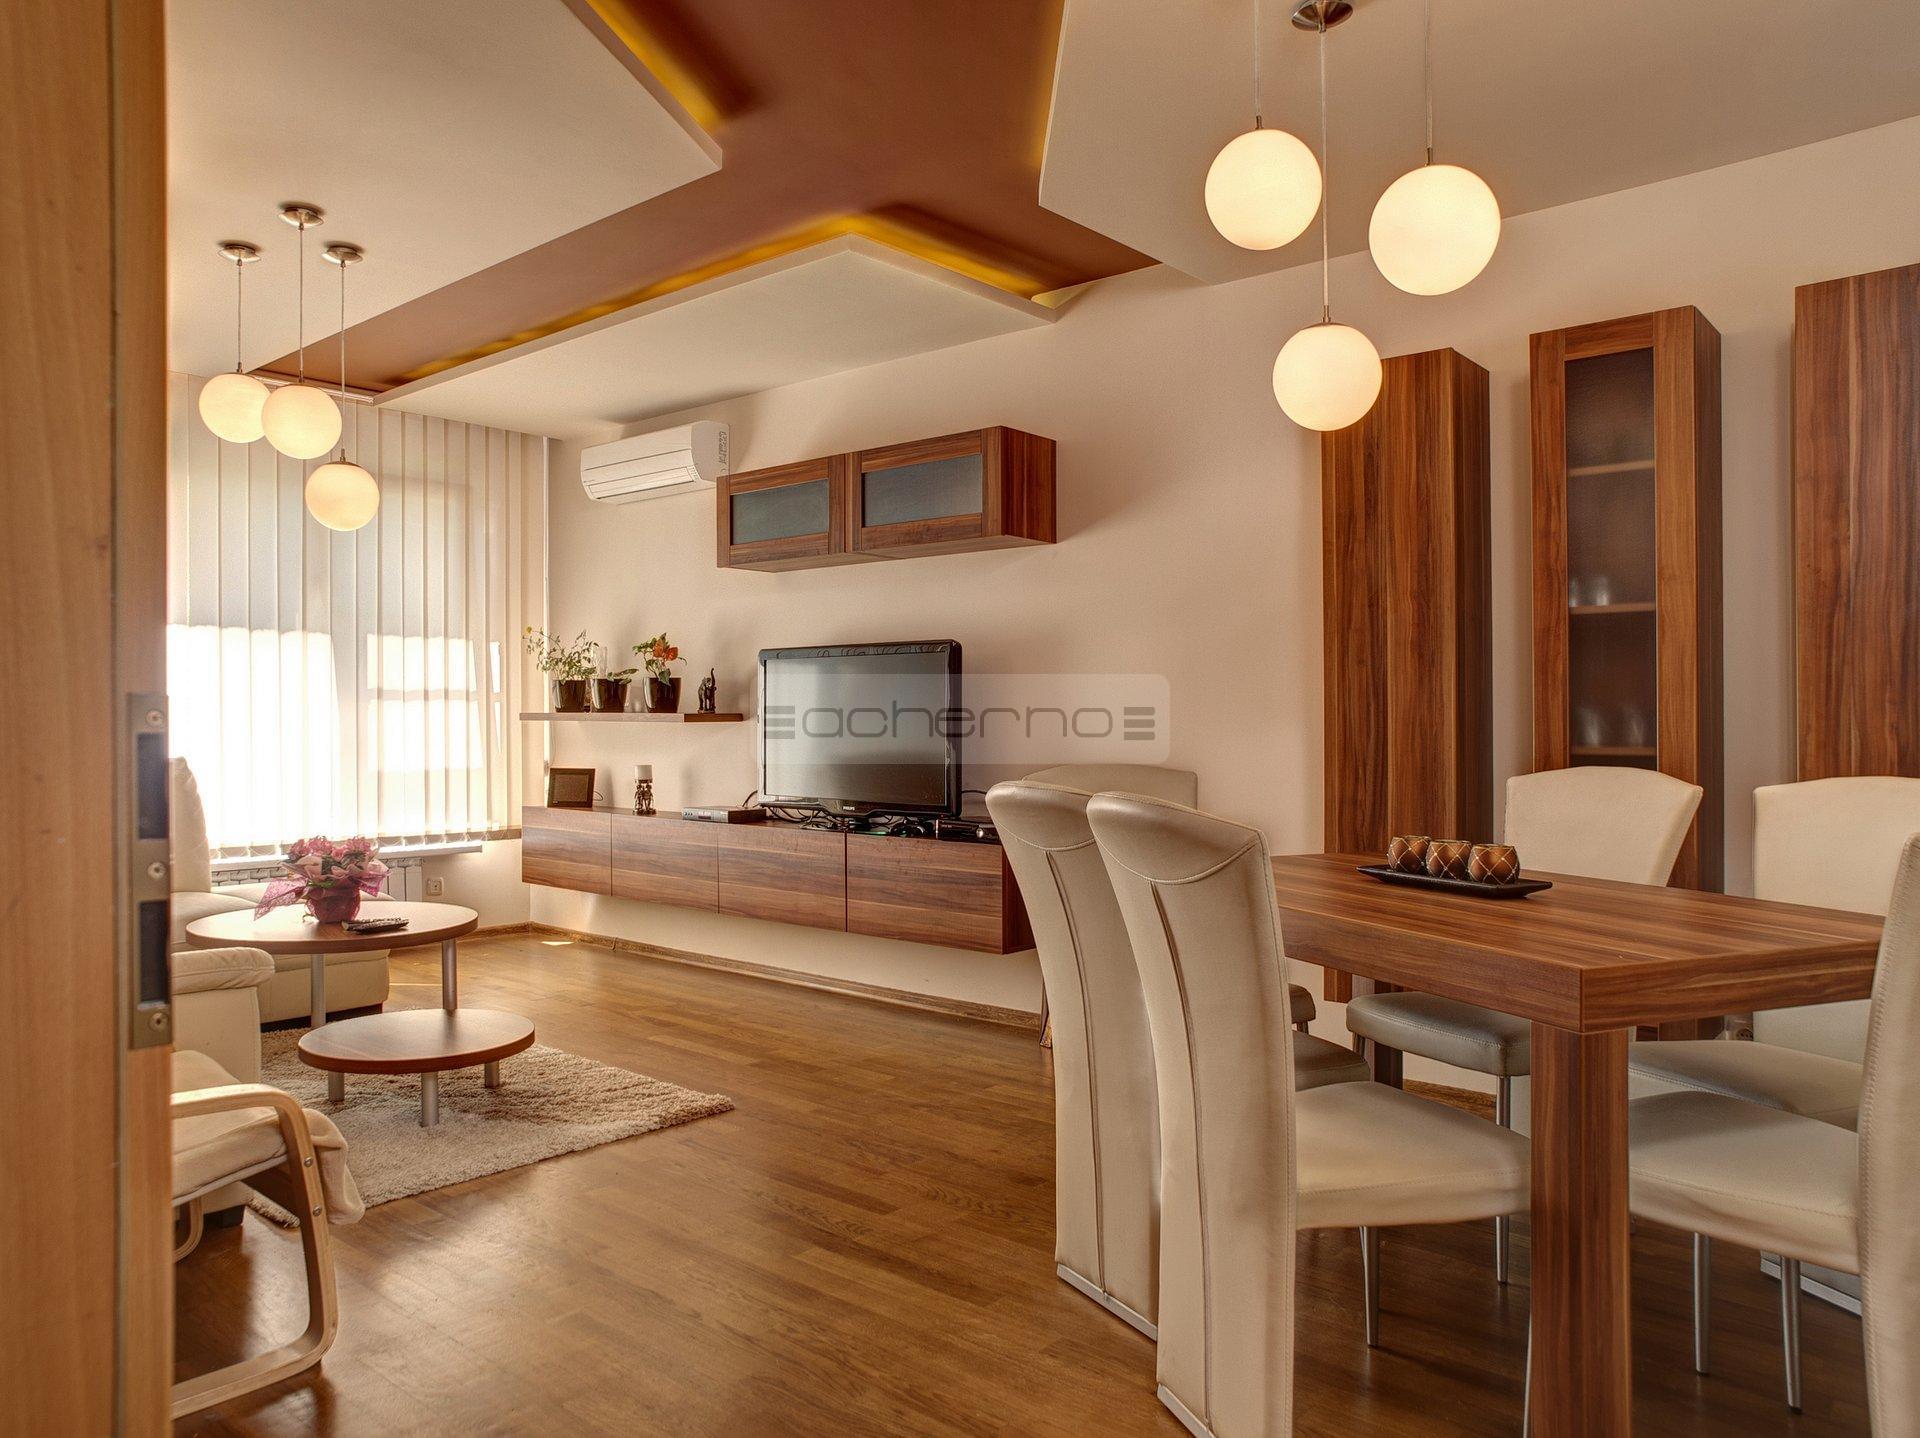 Acherno innenarchitektur wohnung alles hat eine geschichte for Restaurant design innenarchitektur